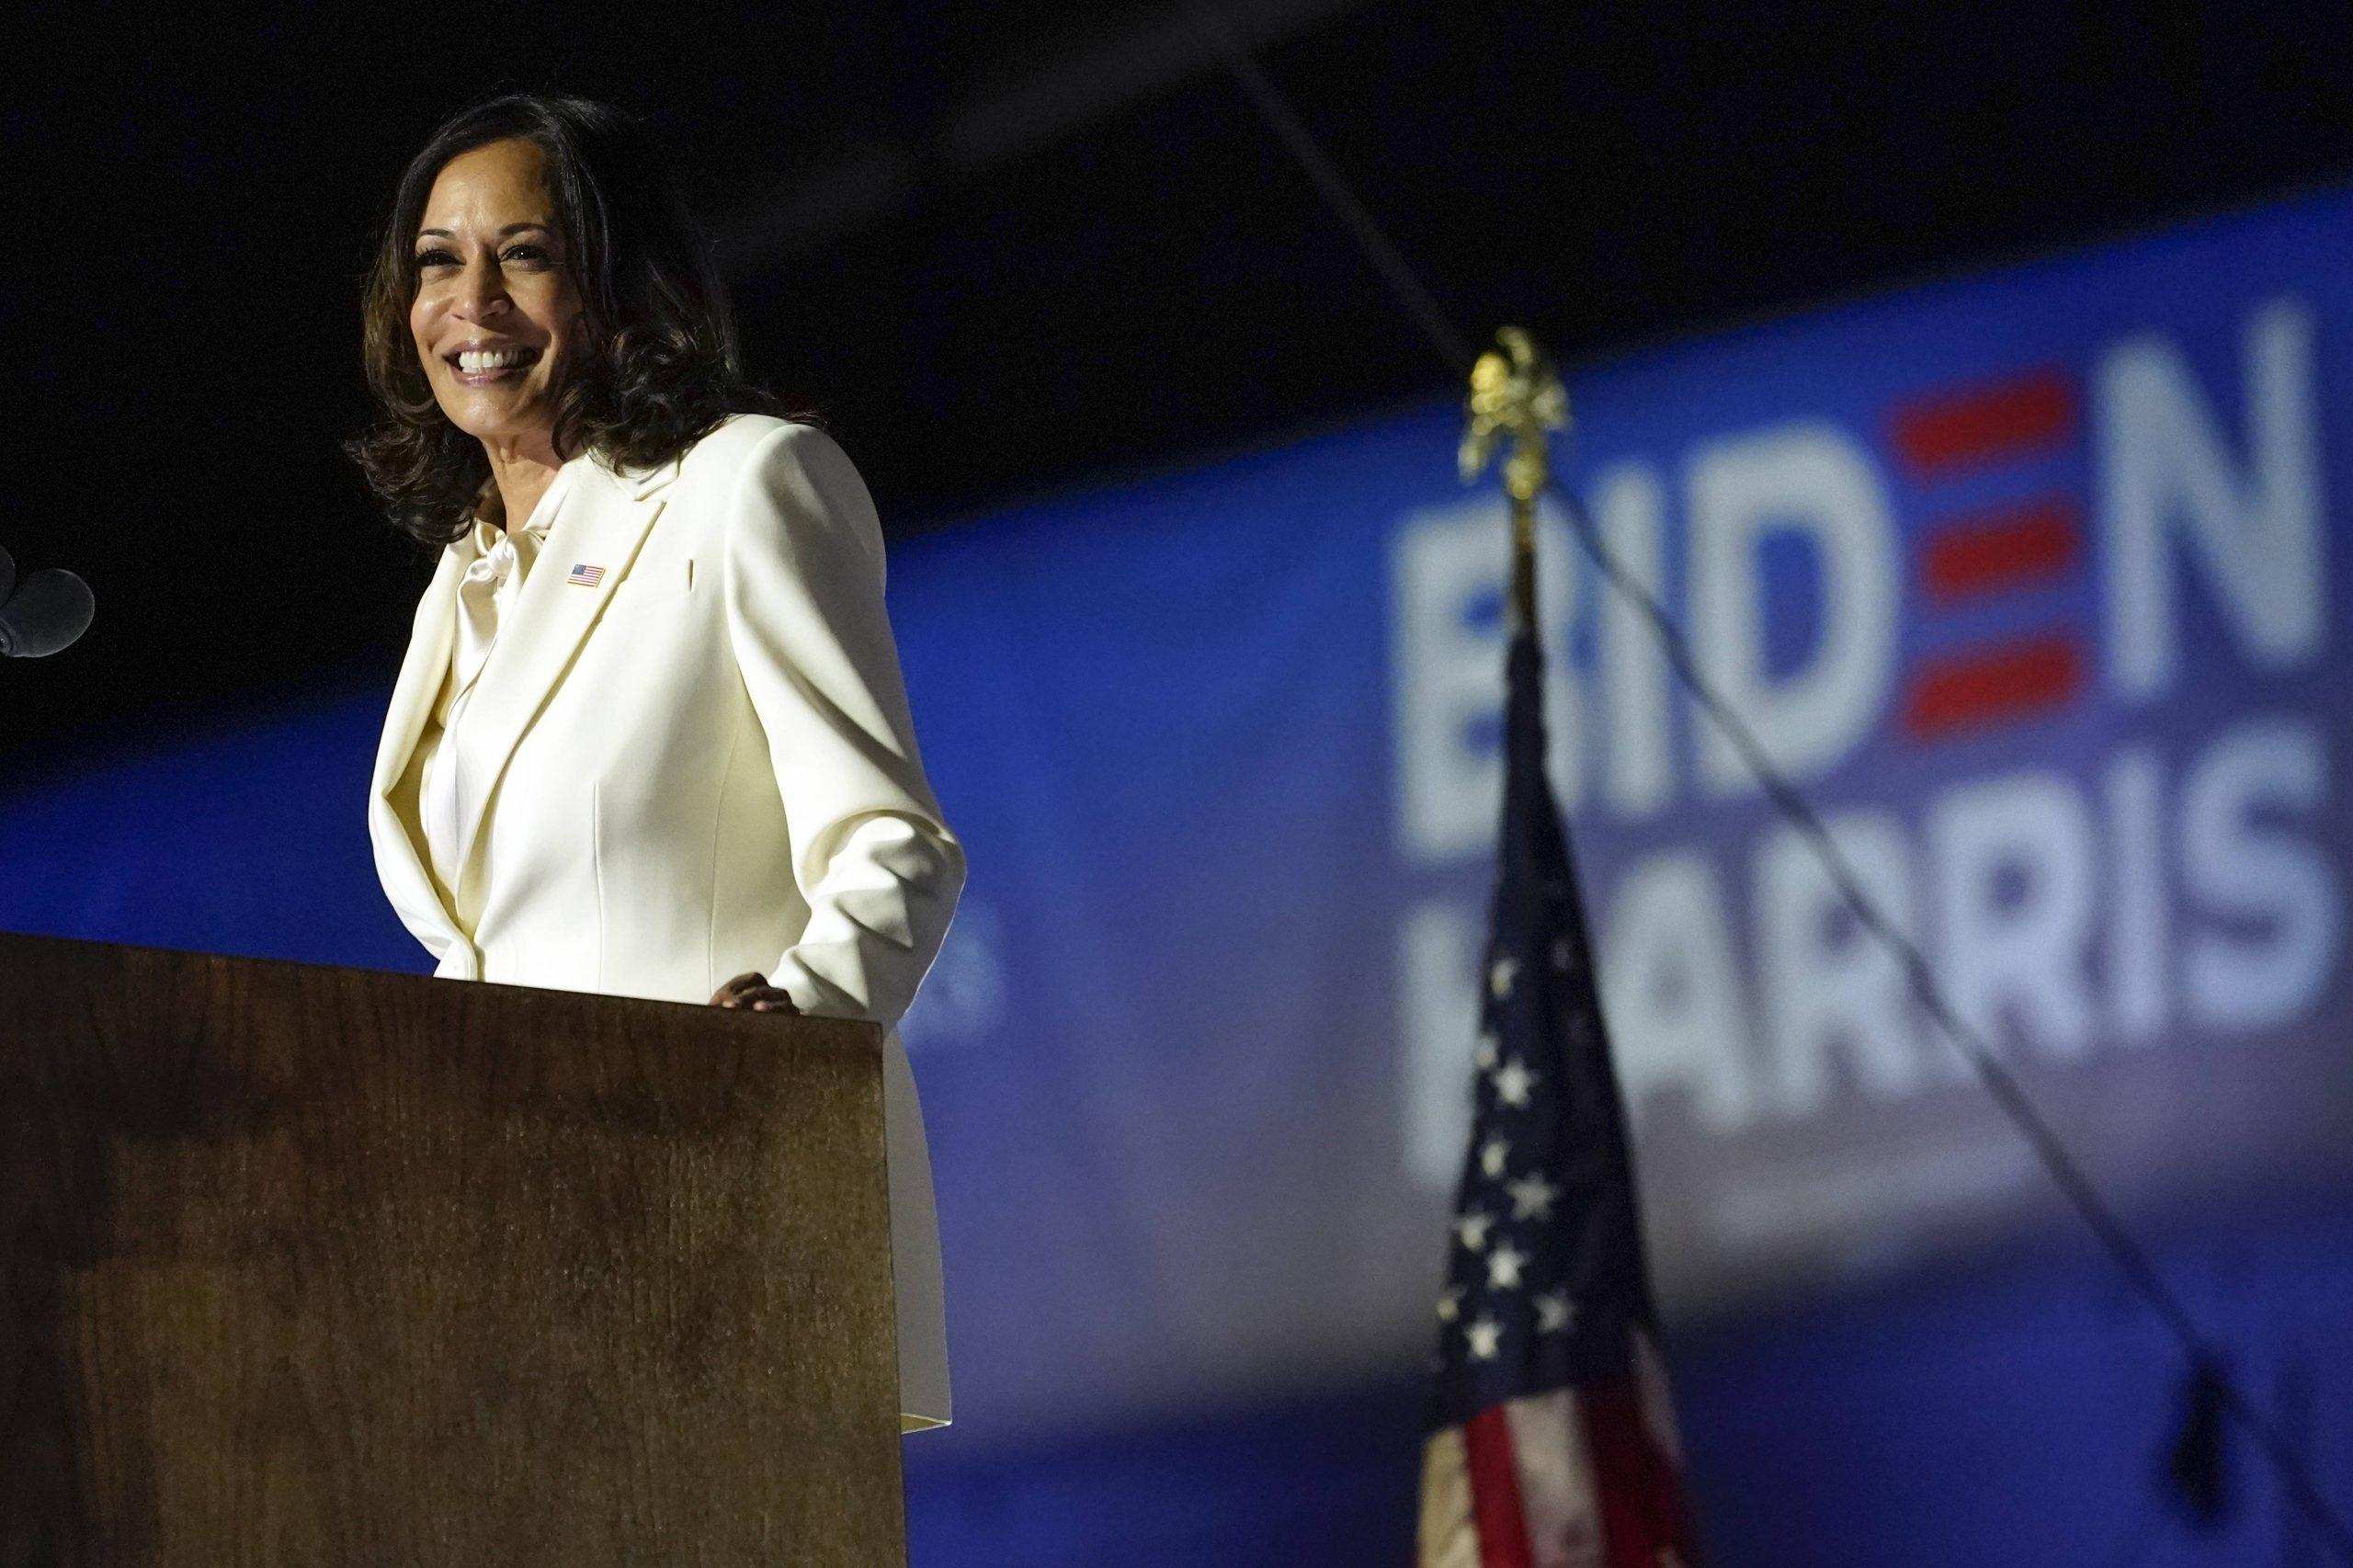 La vice-présidente élue, Kamala Harris, délivre un discours après l'élection de Joe Biden à la présidentielle américaine, le 7 novembre 2020.